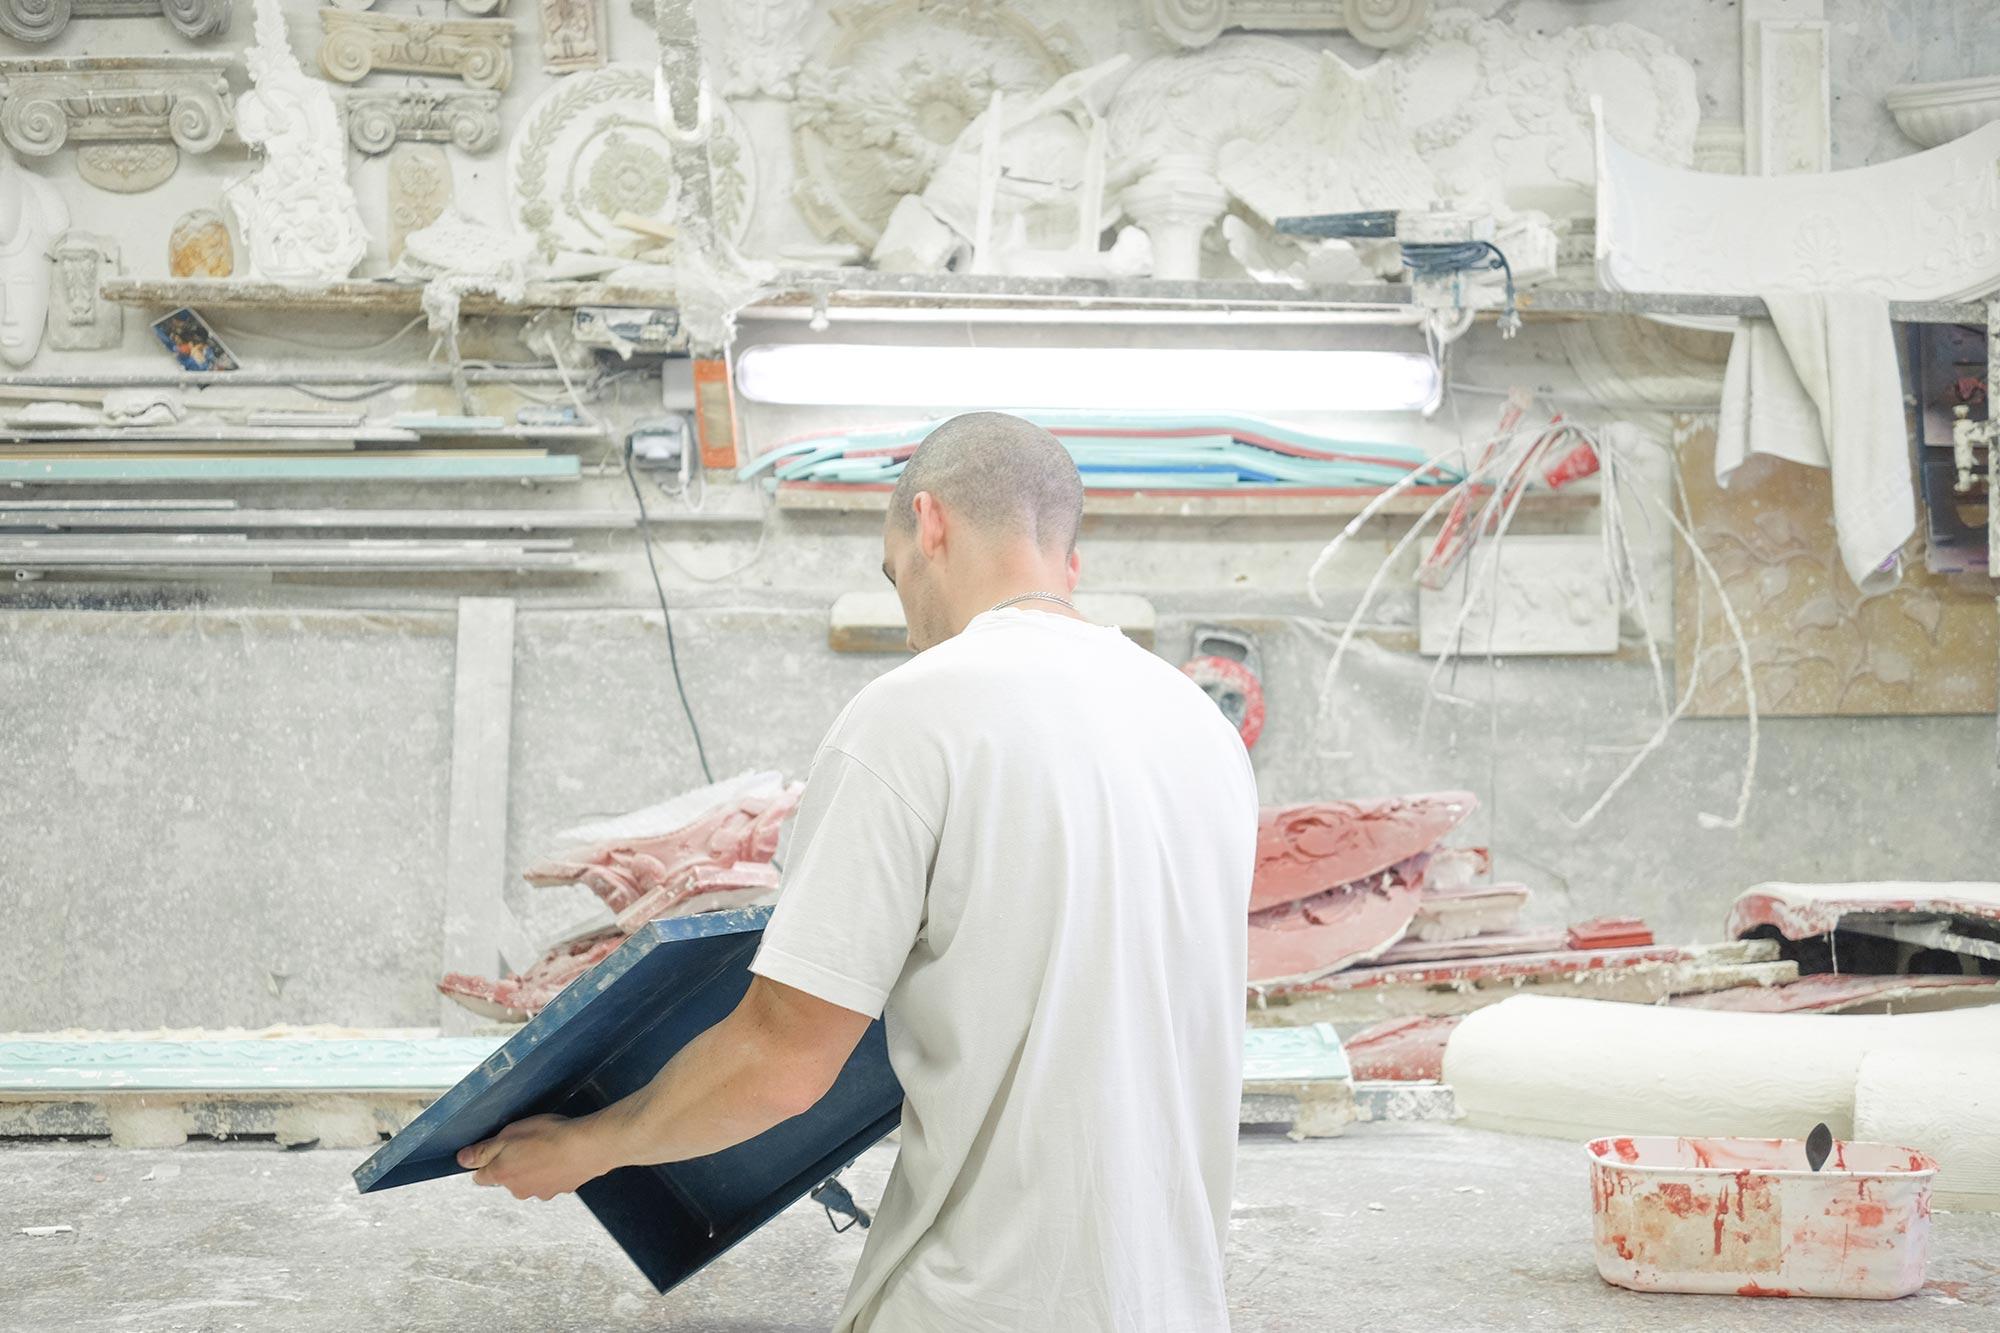 paris-les-atelier-du-style-artisan-plasterwork7